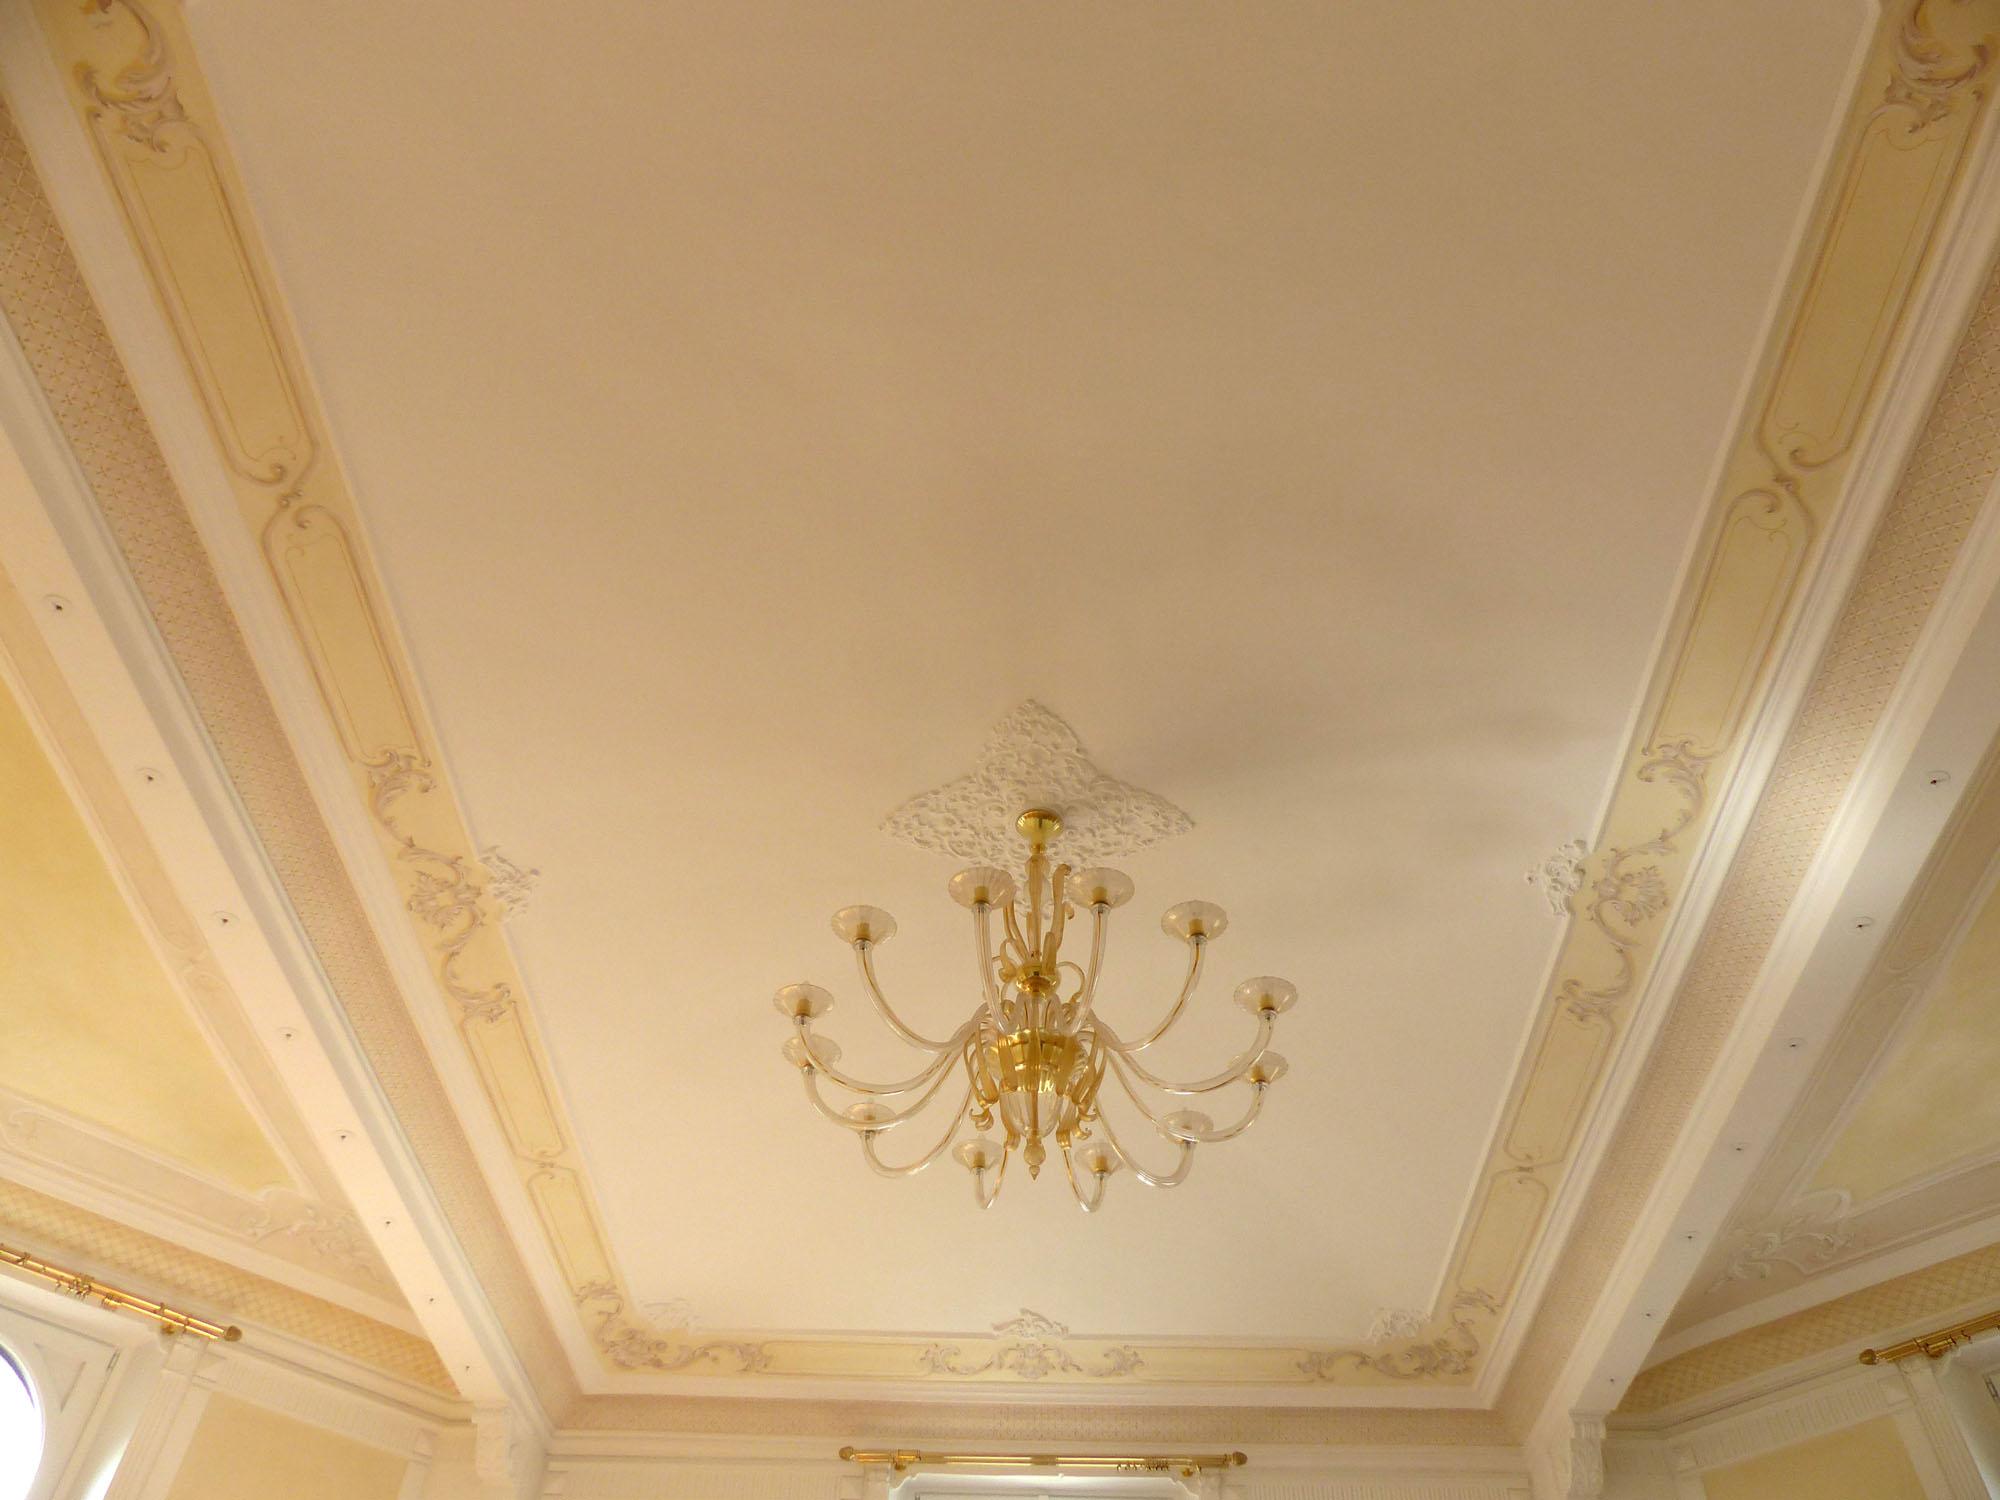 Soffitto Dipinto Cielo : soffitto dipinto con stucchi a trompe l oeil ...